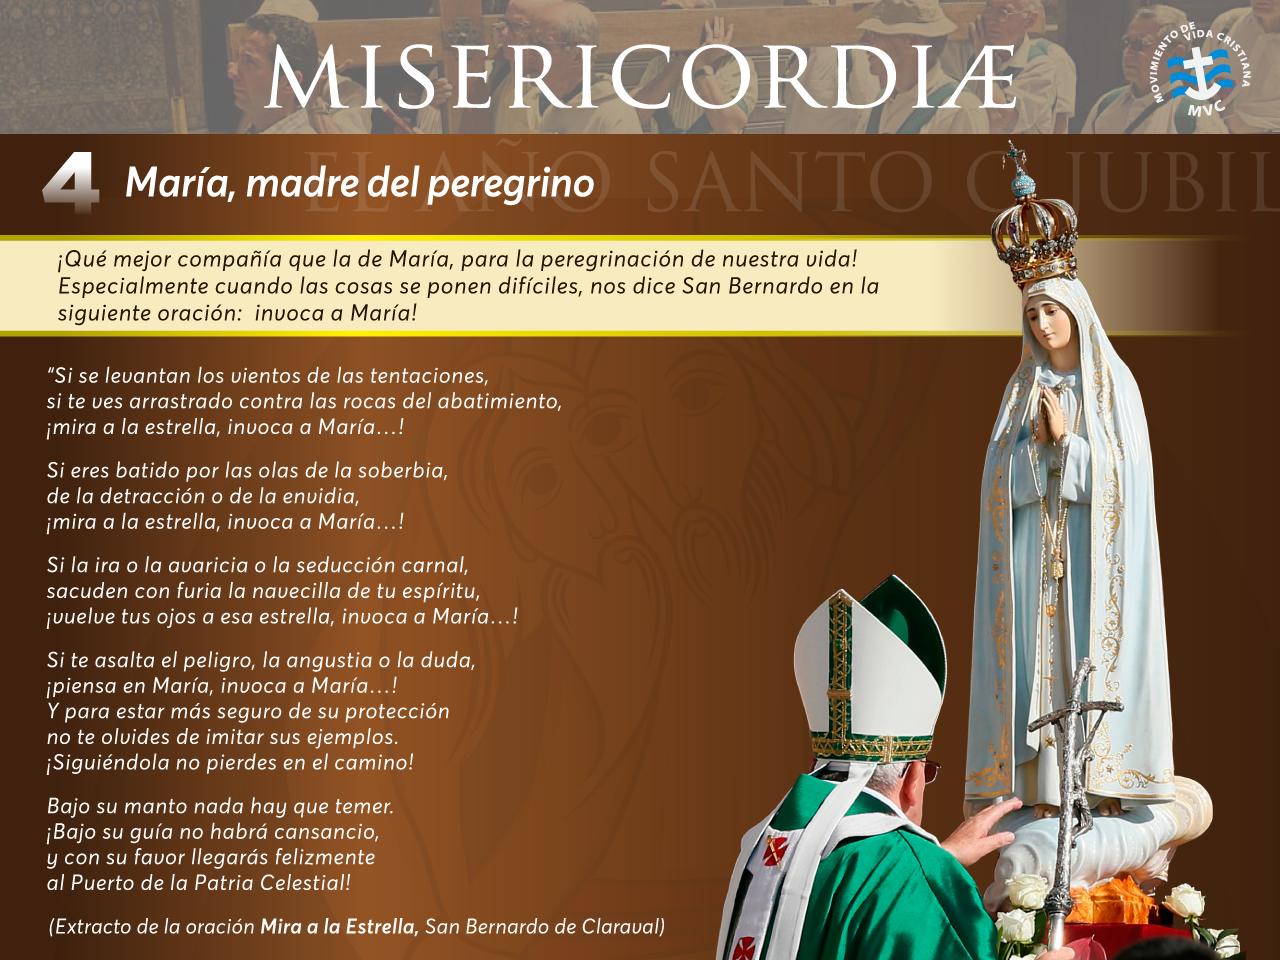 Misericordiae-4-editable-6